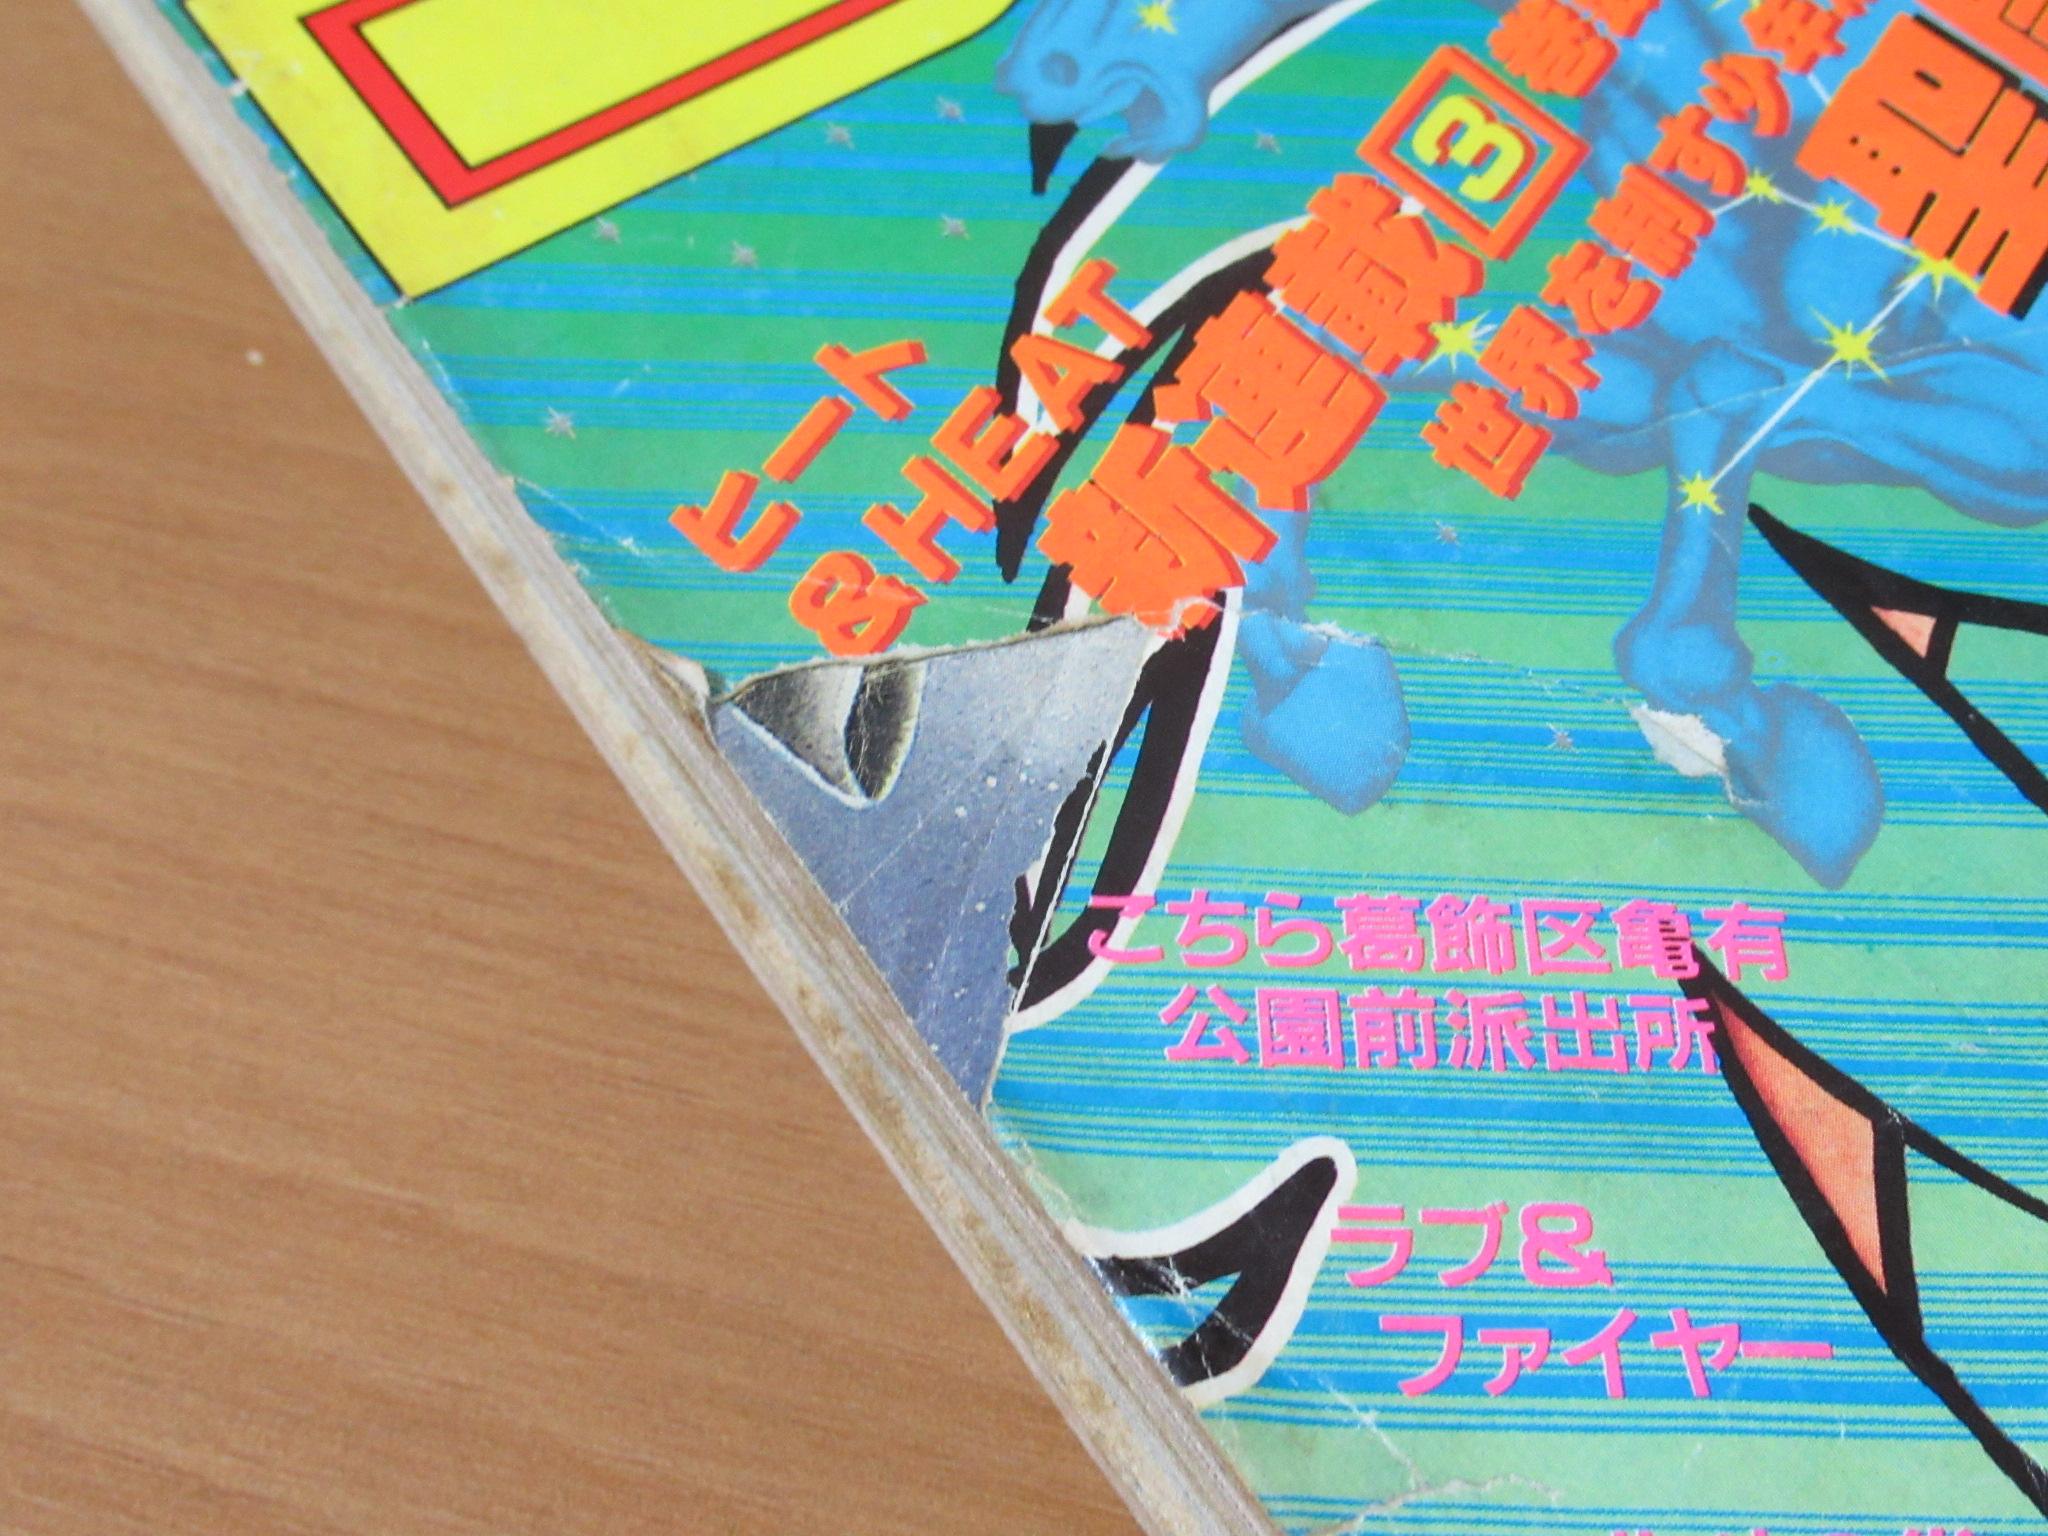 聖闘士星矢 新連載号買取 少年ジャンプ 表紙破れあり